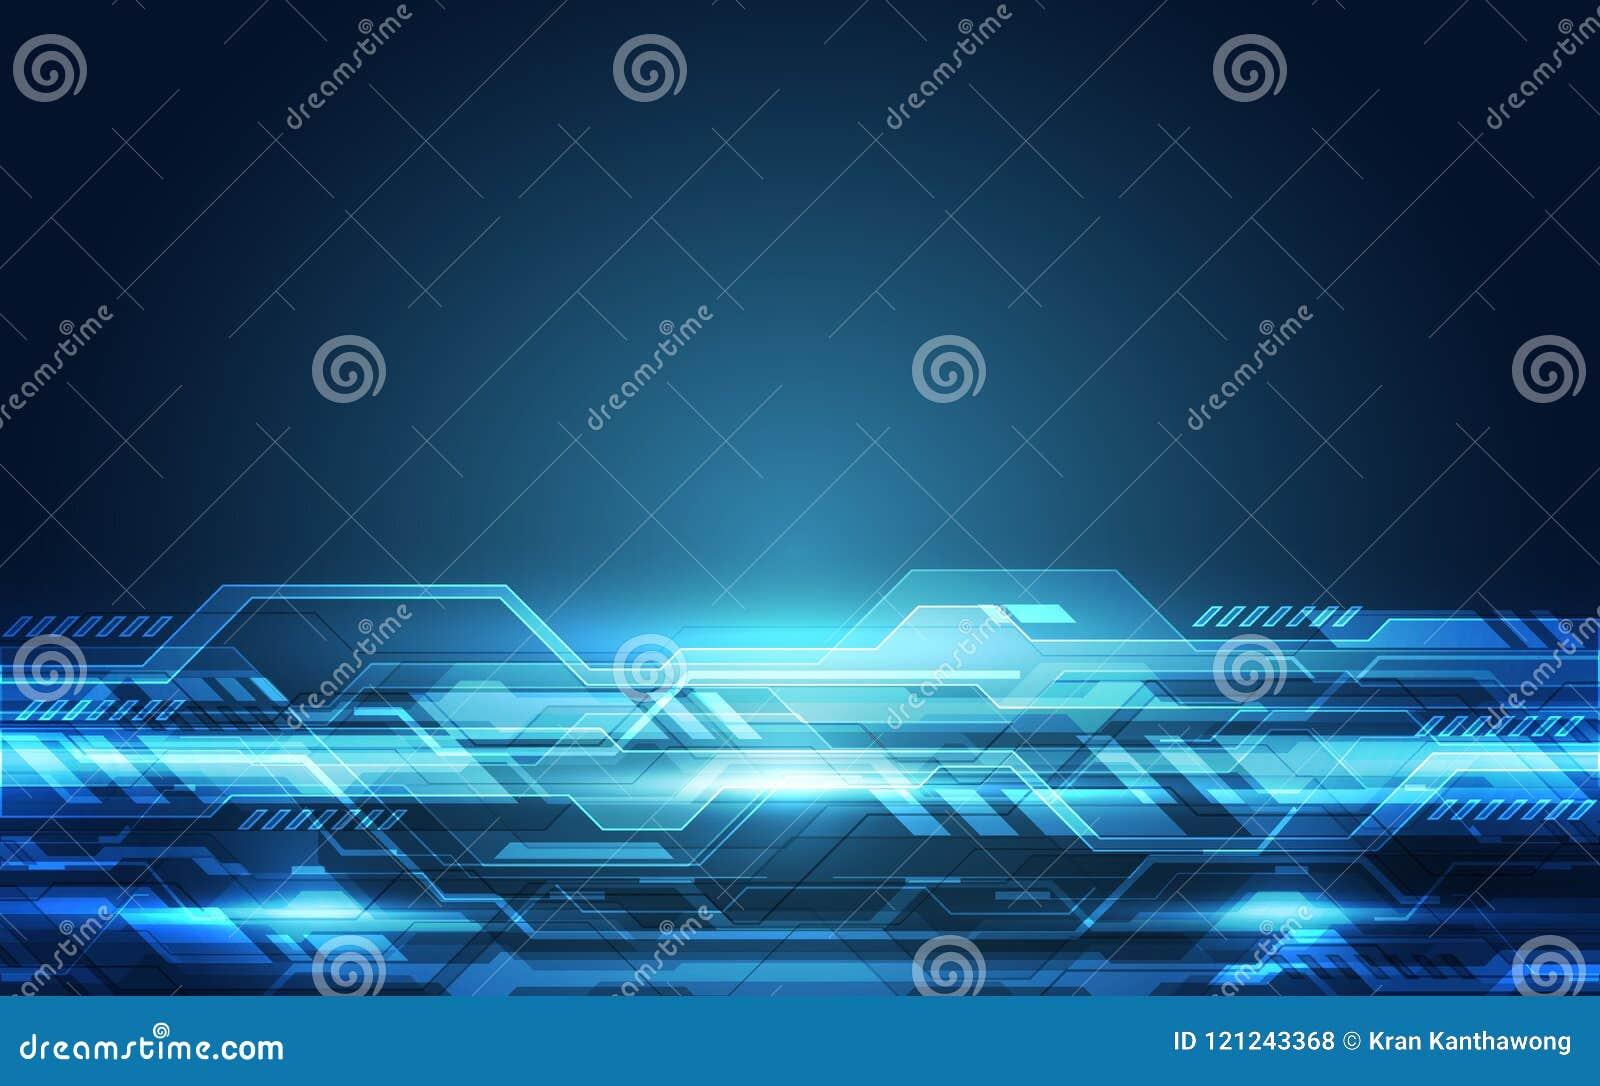 Wektorowa Abstrakcjonistyczna futurystyczna wysoka prędkość, Ilustracyjnej wysokiej technologii cyfrowej tła kolorowy pojęcie